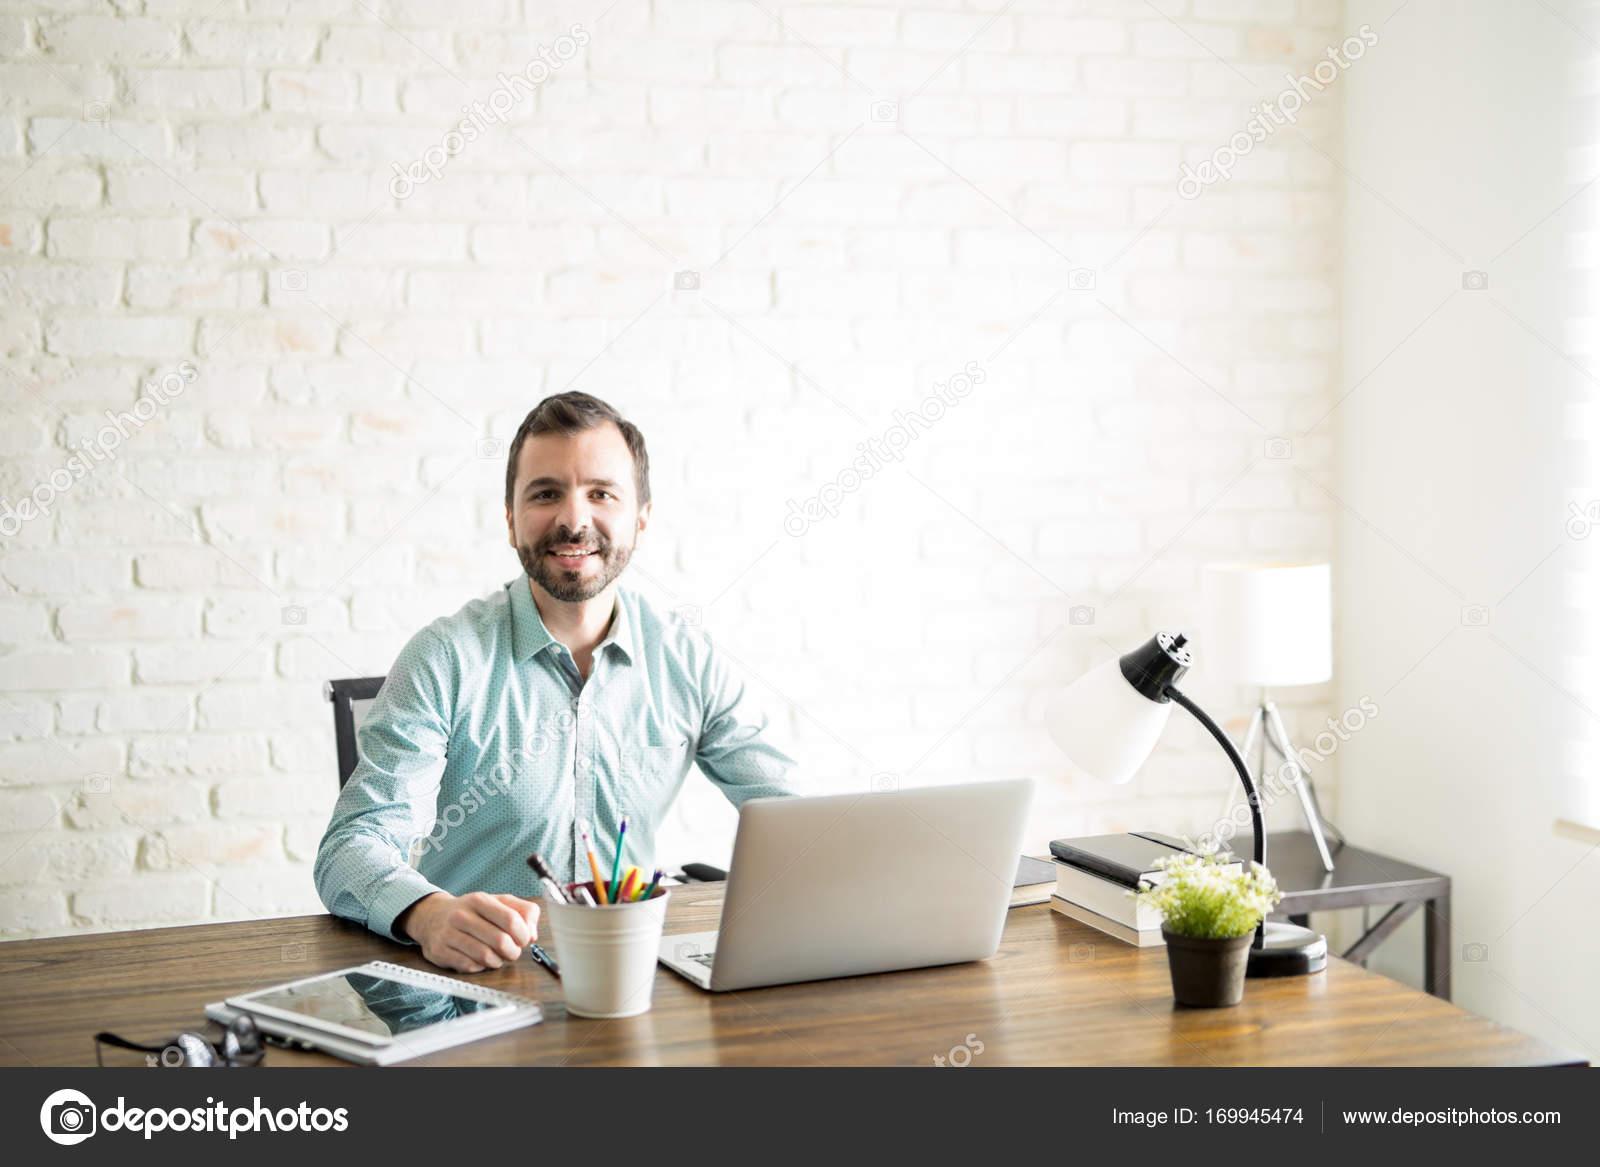 Ufficio In Latino : Uomo bello latino al lavoro u foto stock tonodiaz